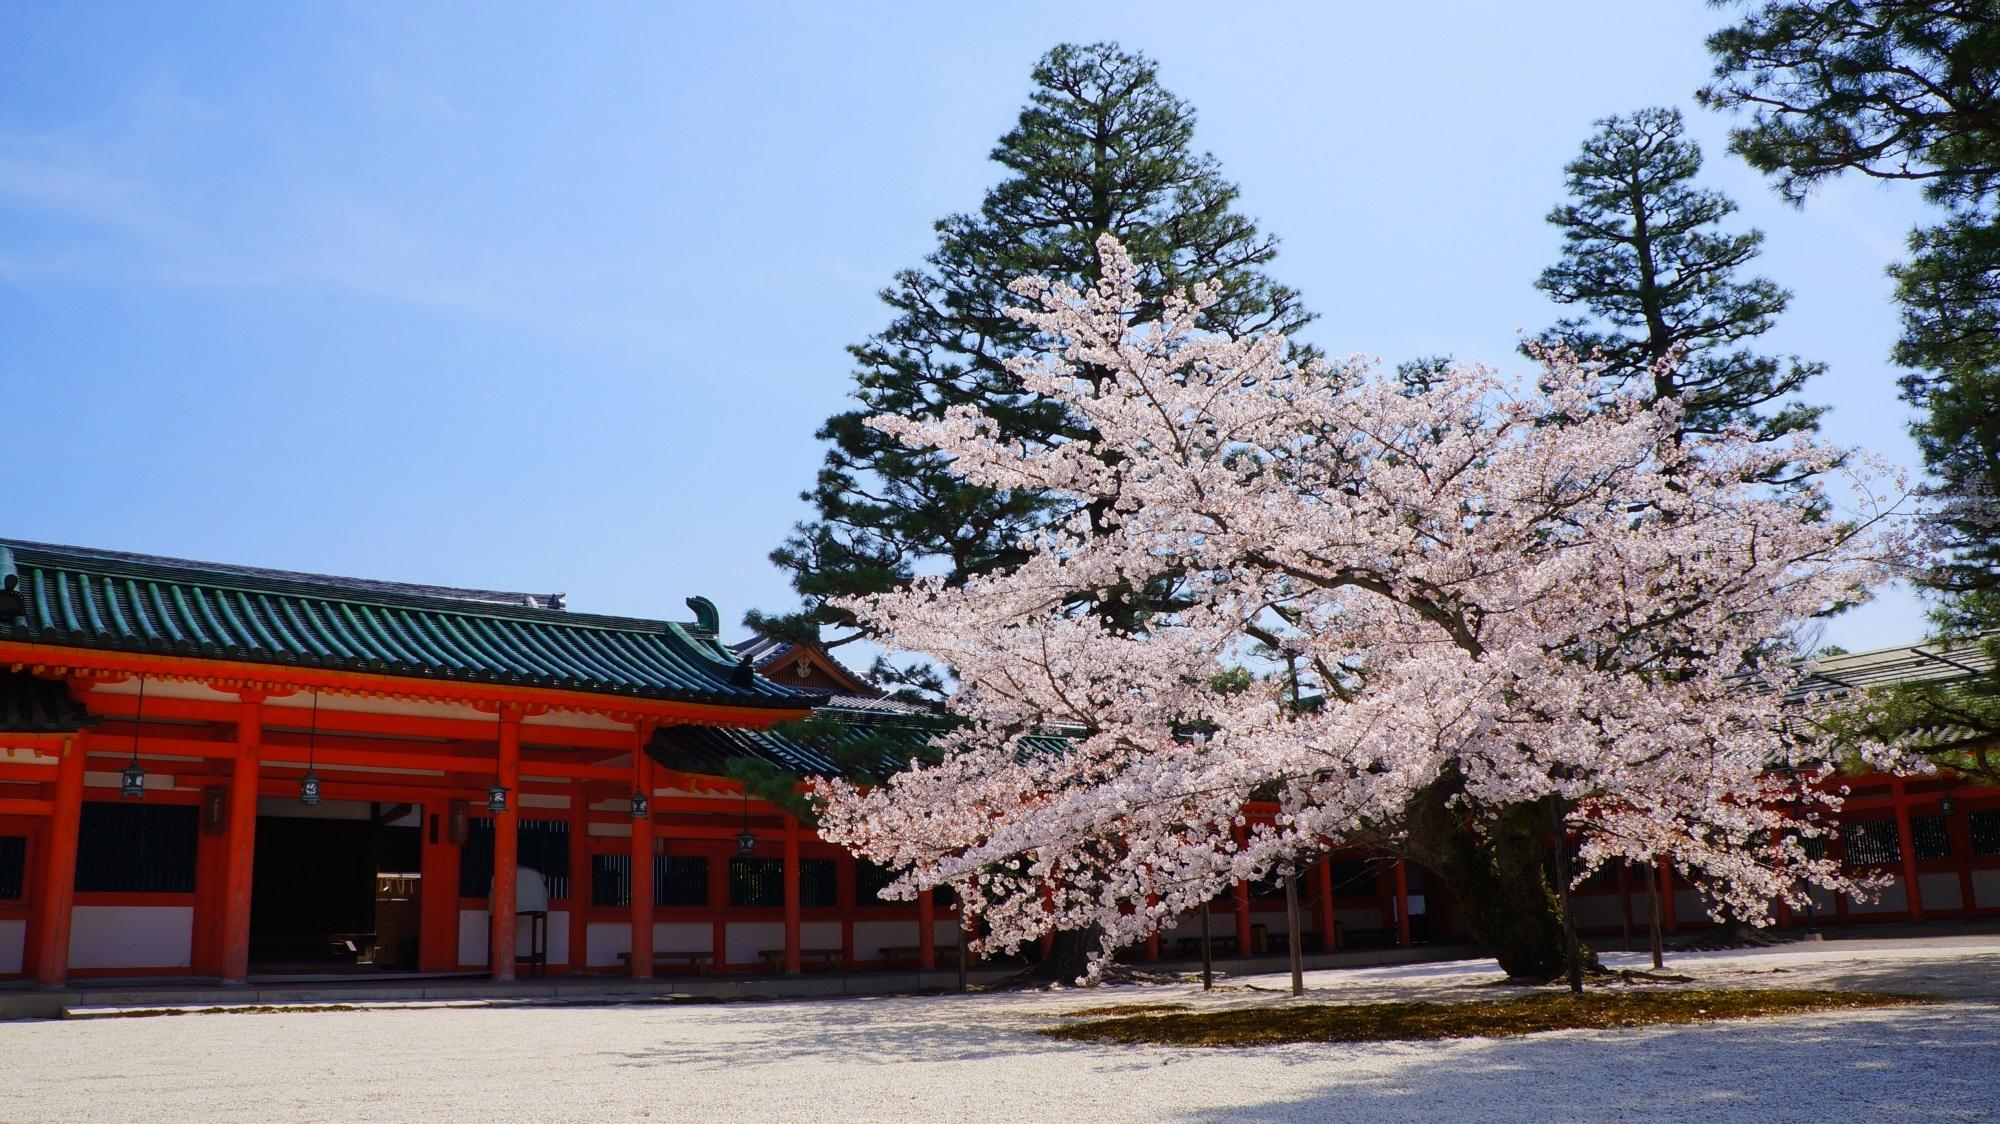 雅で華やかな桜の名所